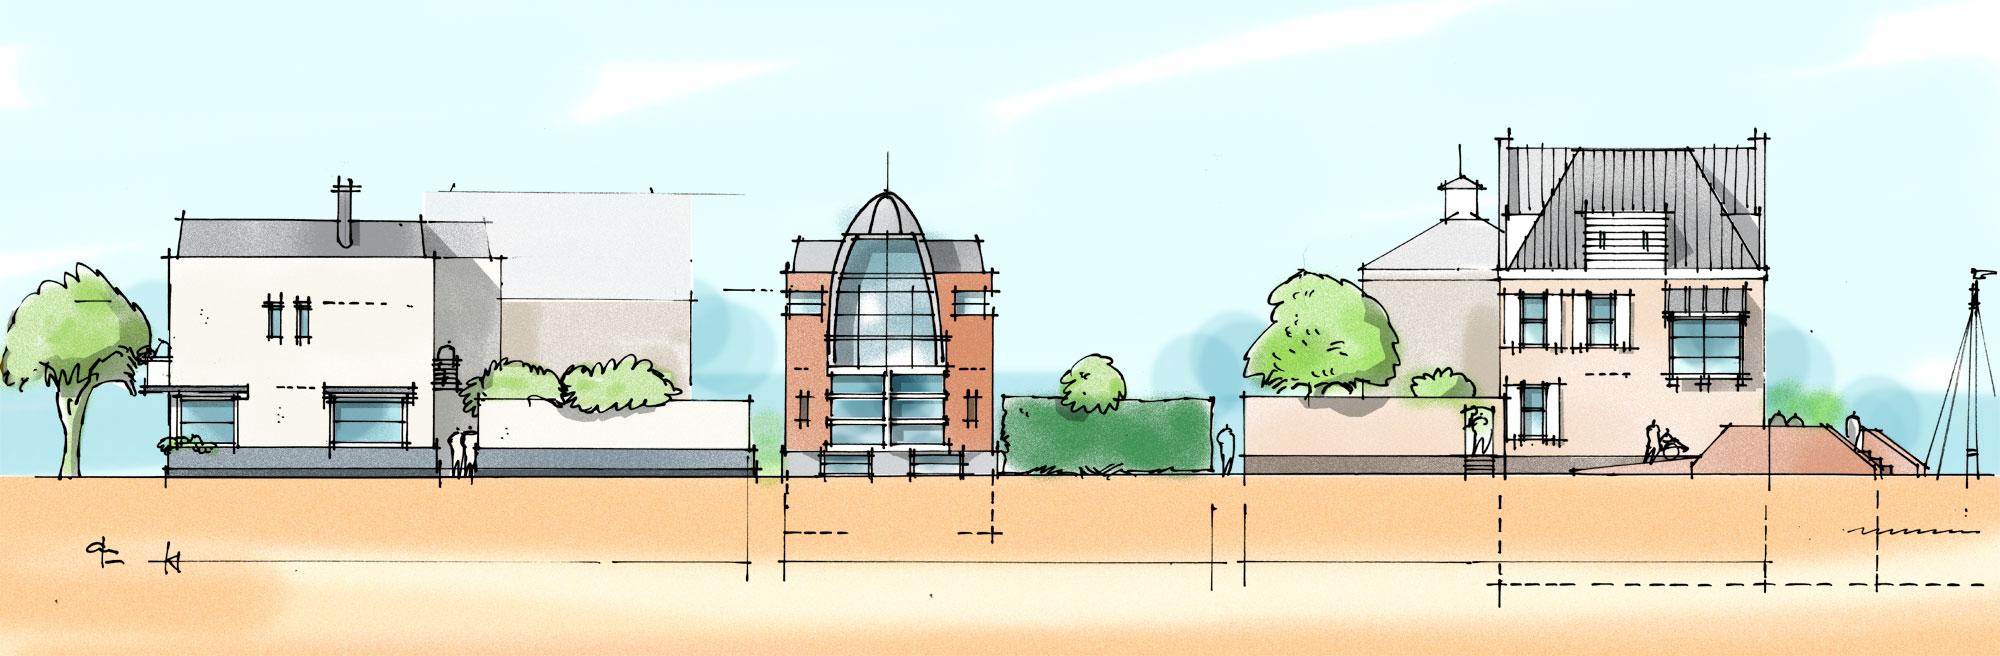 Concept gevelaanzicht straatbeeld